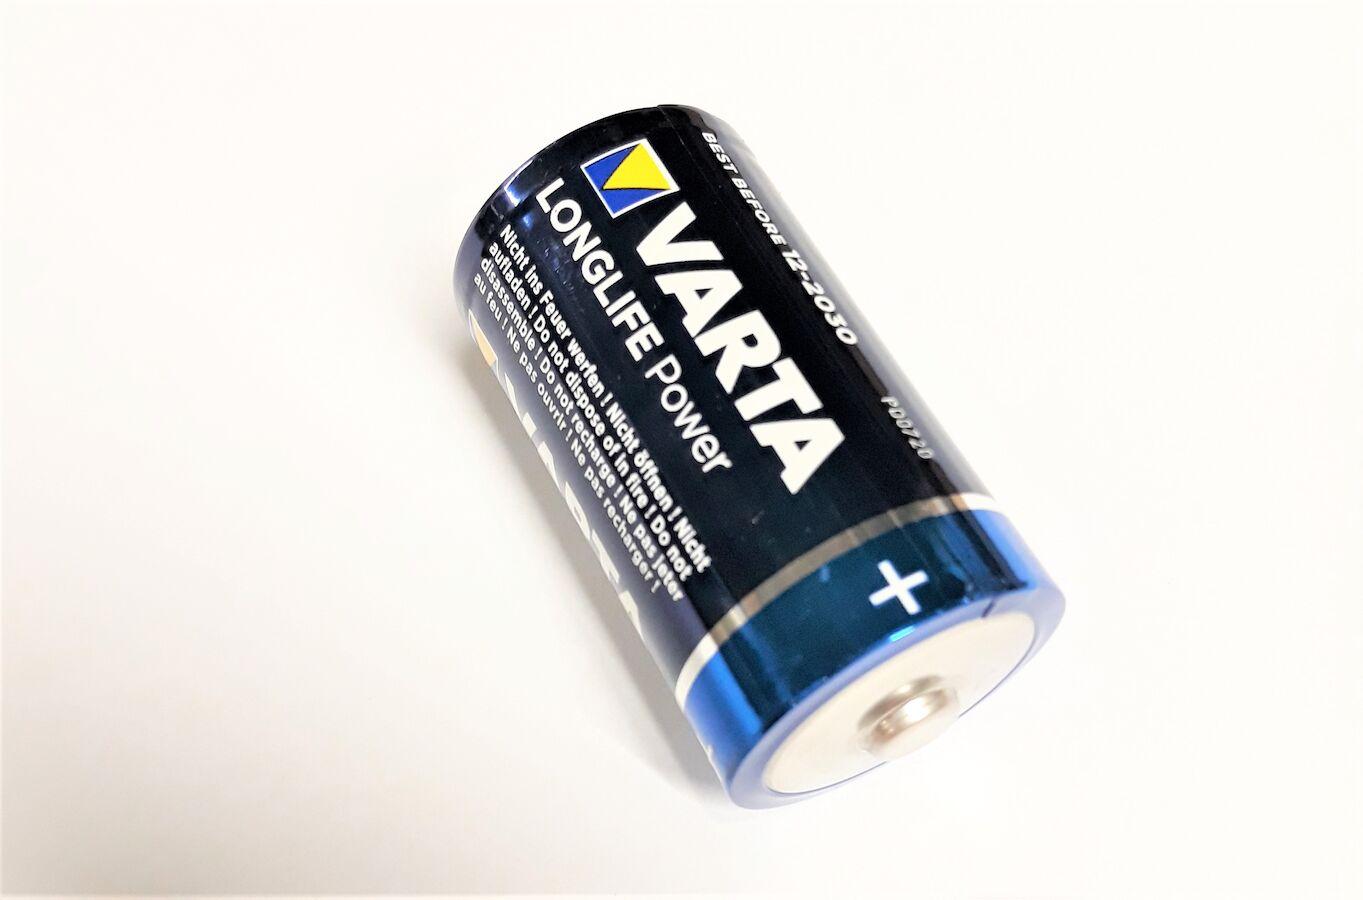 Fanuc Batterie LR20 1,5V